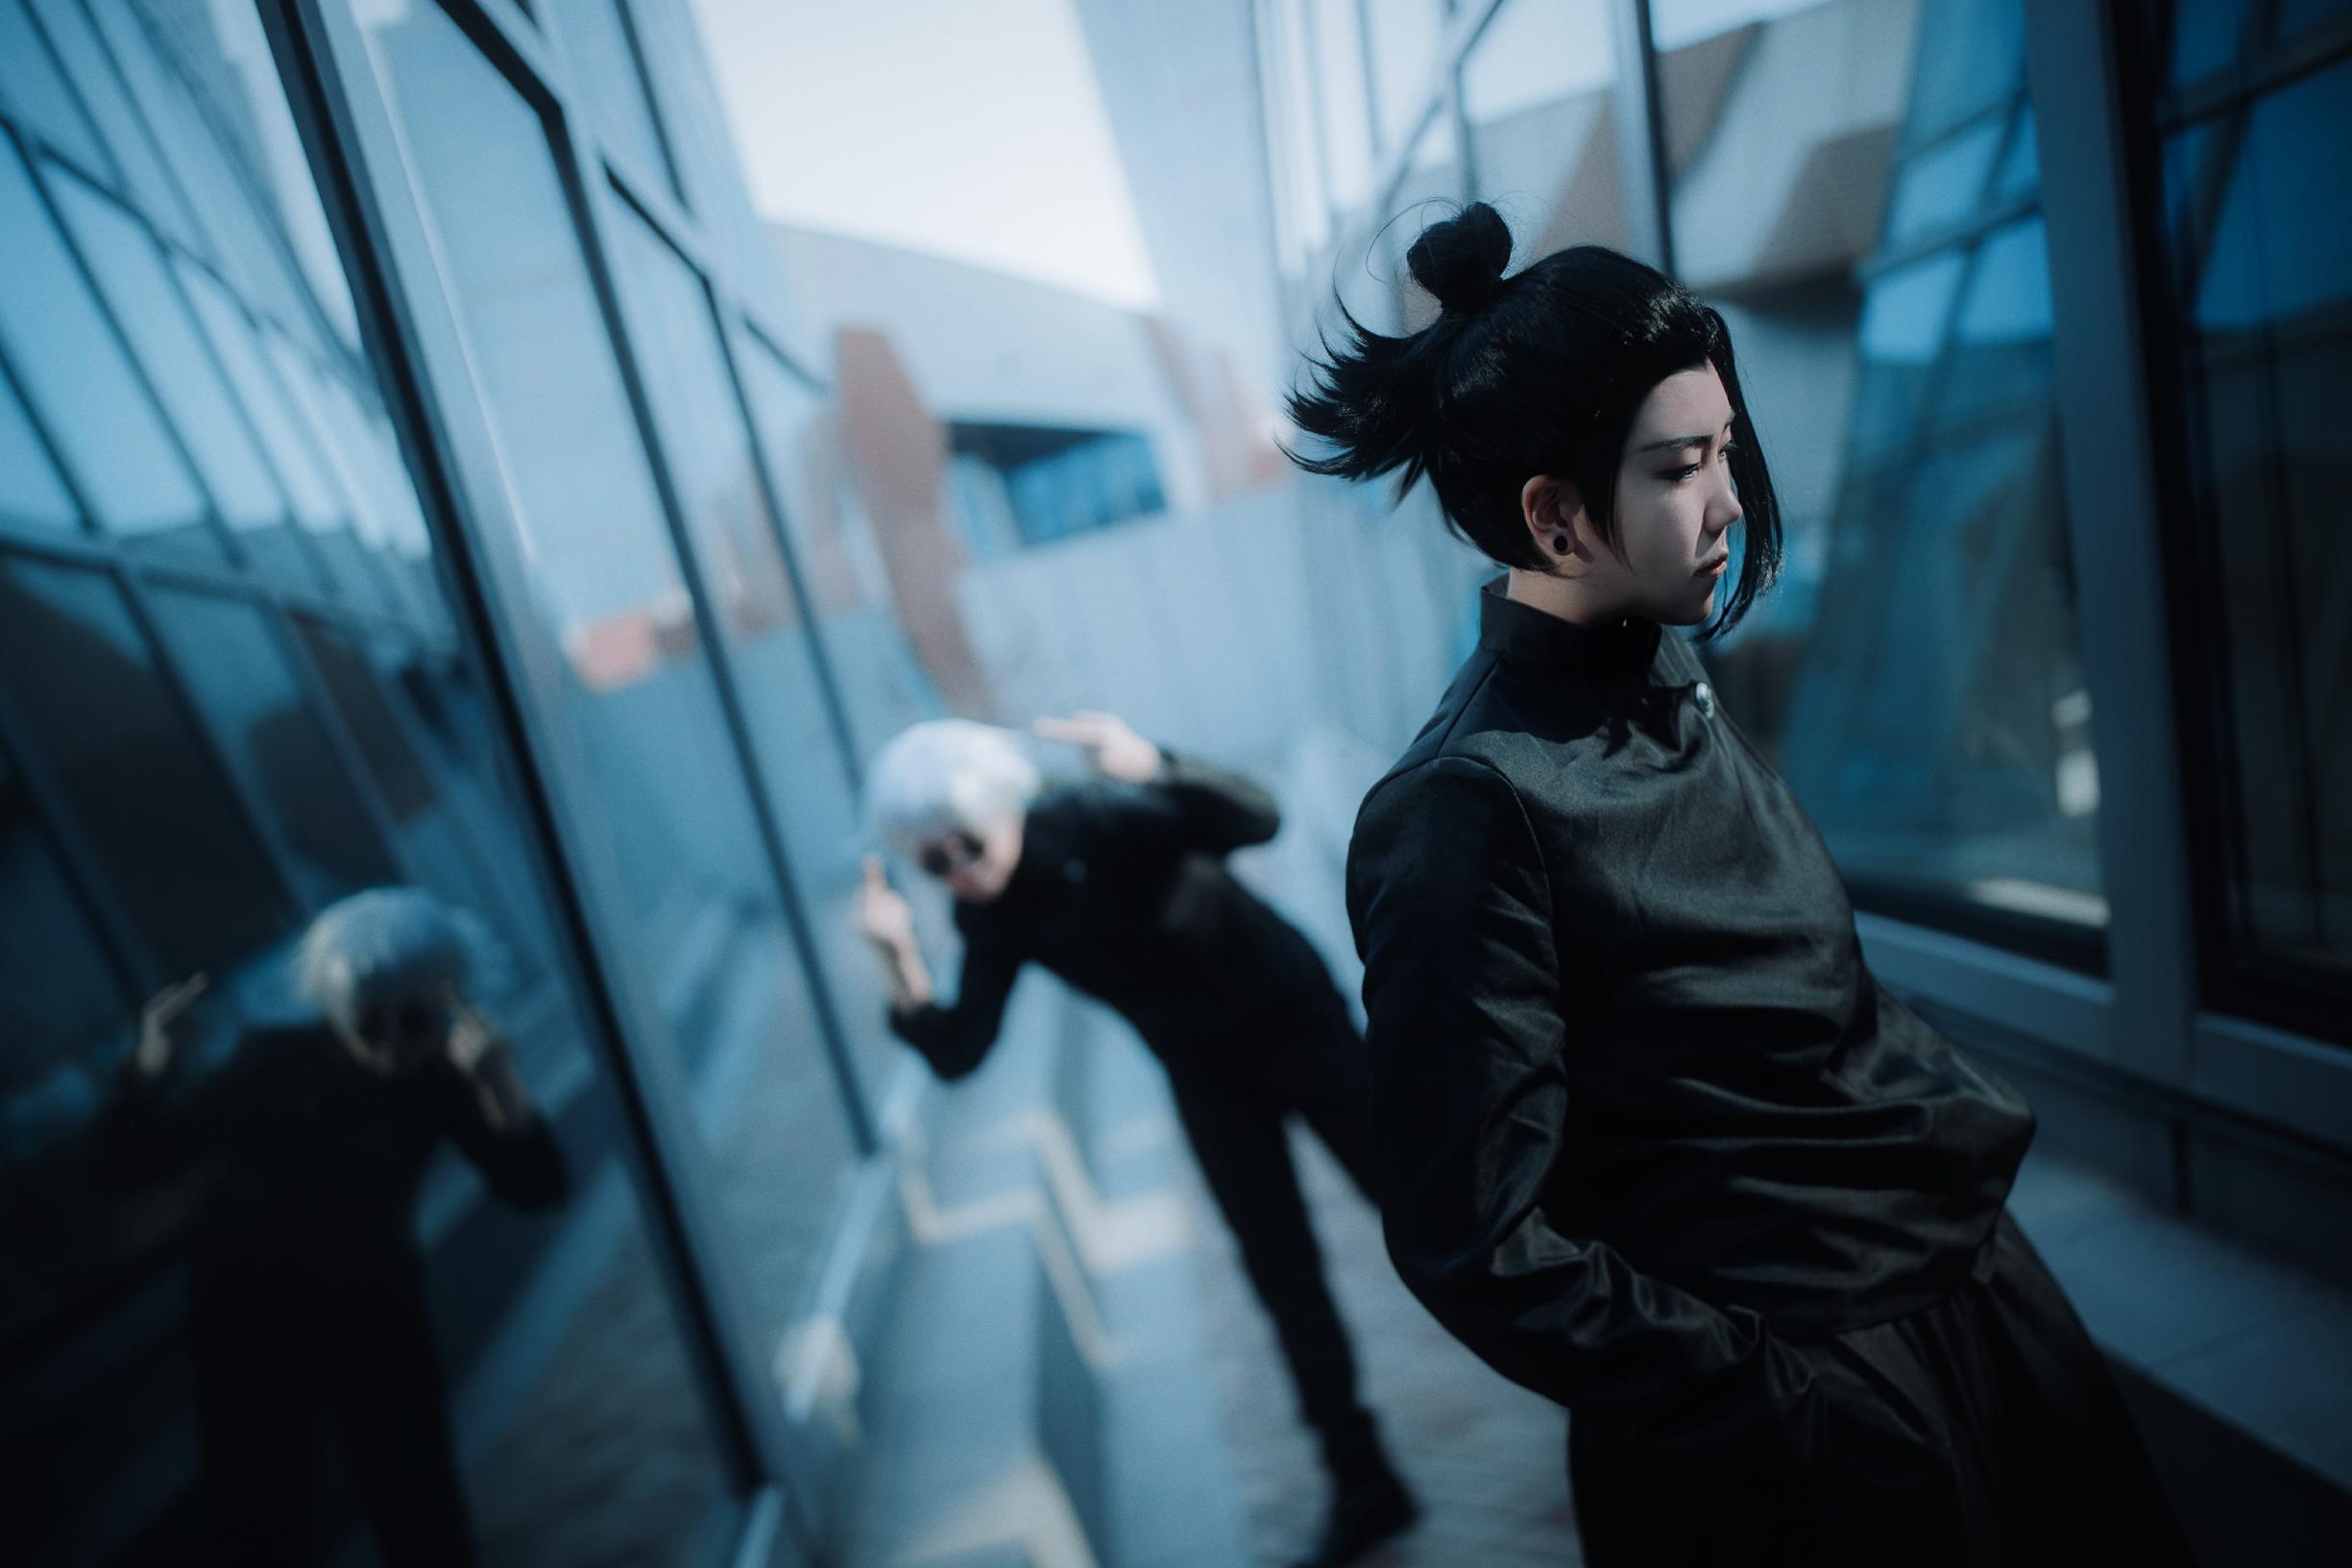 《咒术回战》正片cosplay【CN:山田馨酱】 -死神cosplay图片 唯美插图